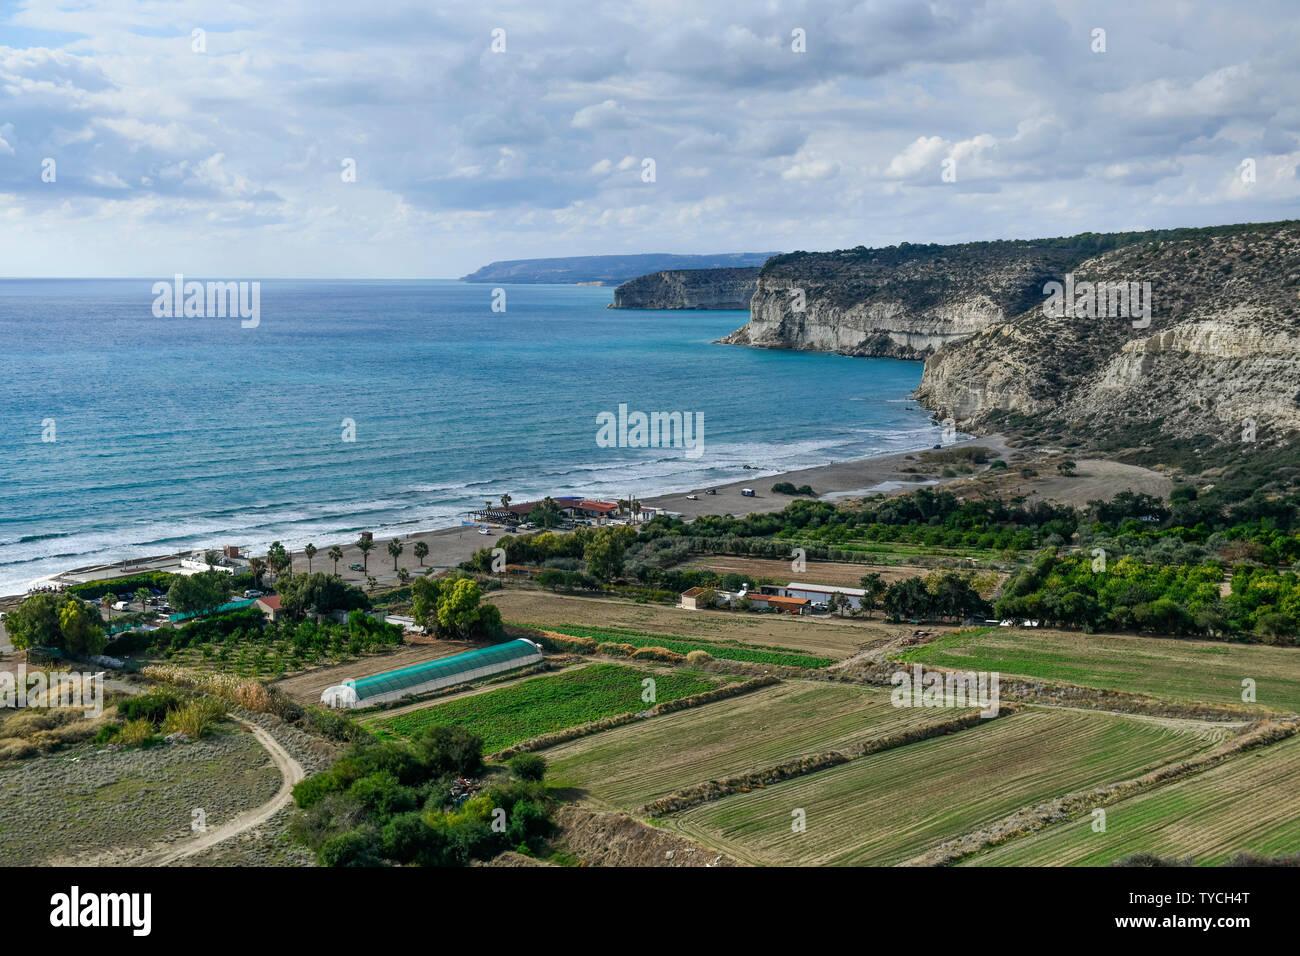 Strand, Felder, Kourion, Zypern - Stock Image